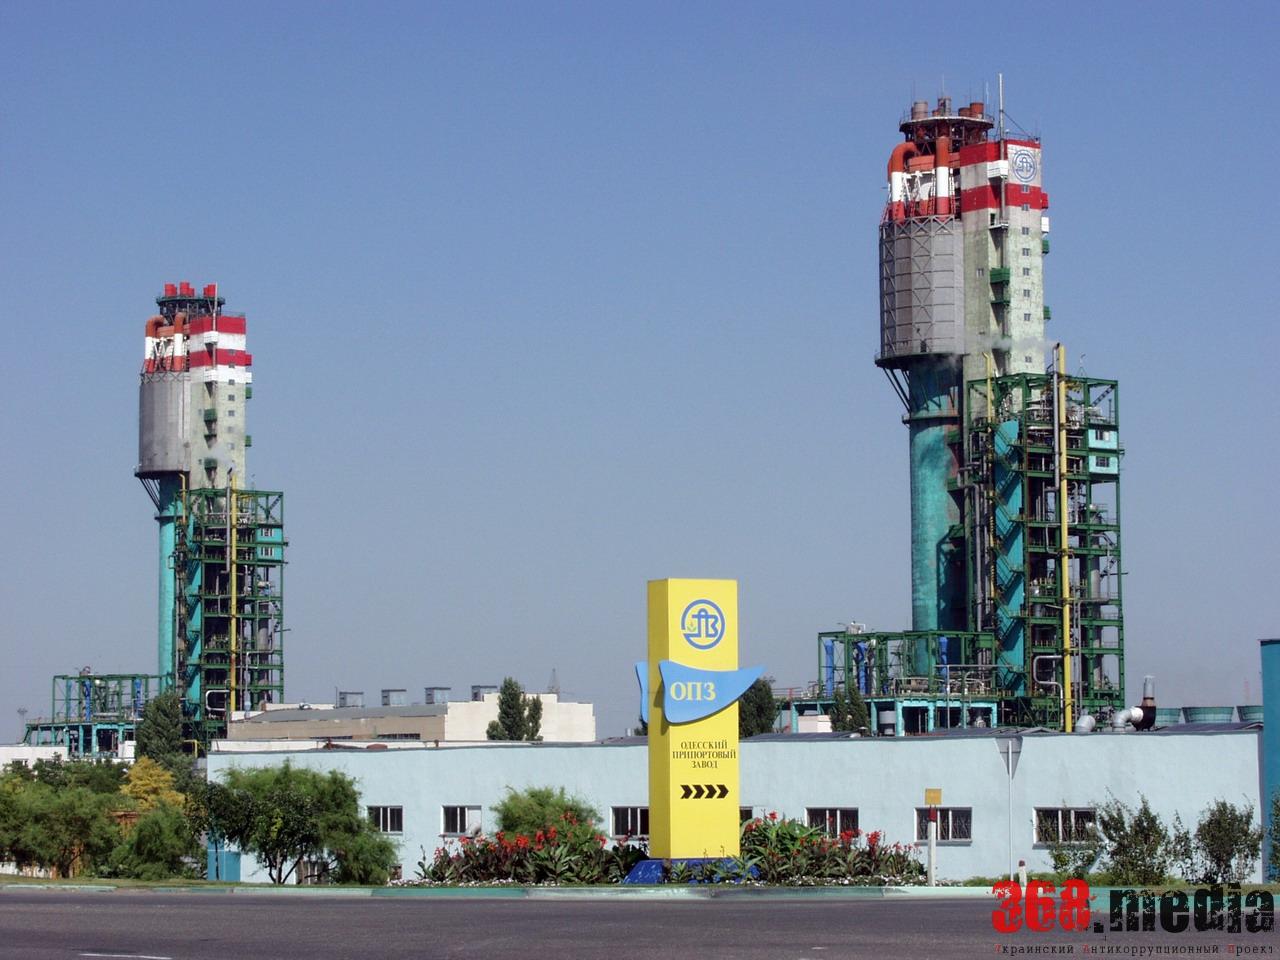 Экс-помощнику нардепа Грановского вручили подозрение в растрате средств Одесского припортового завода